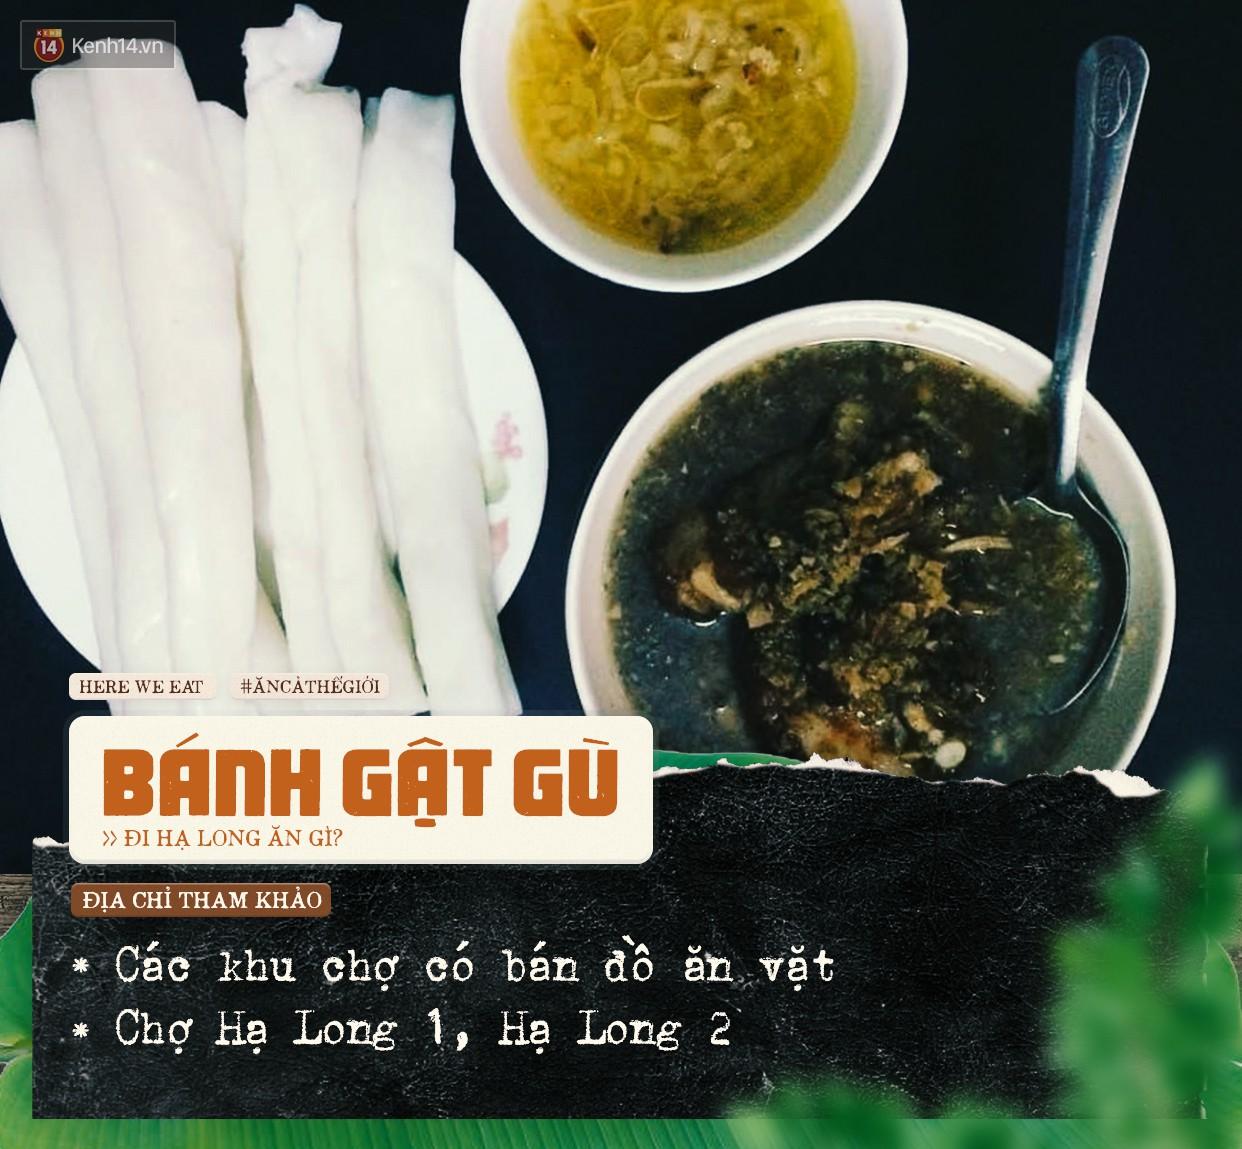 Nhà nhà thi nhau đi Hạ Long, đừng quên những món nhất định phải ăn khi đến đây nhé! - Ảnh 8.